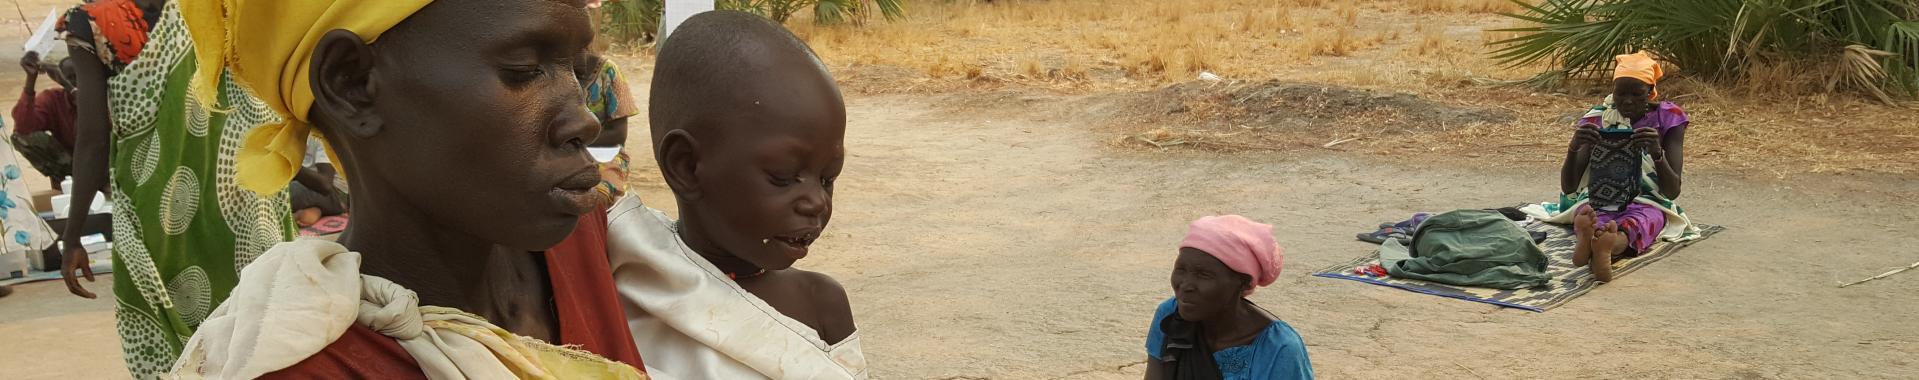 Sudão do Sul: crise nutricional é preocupante